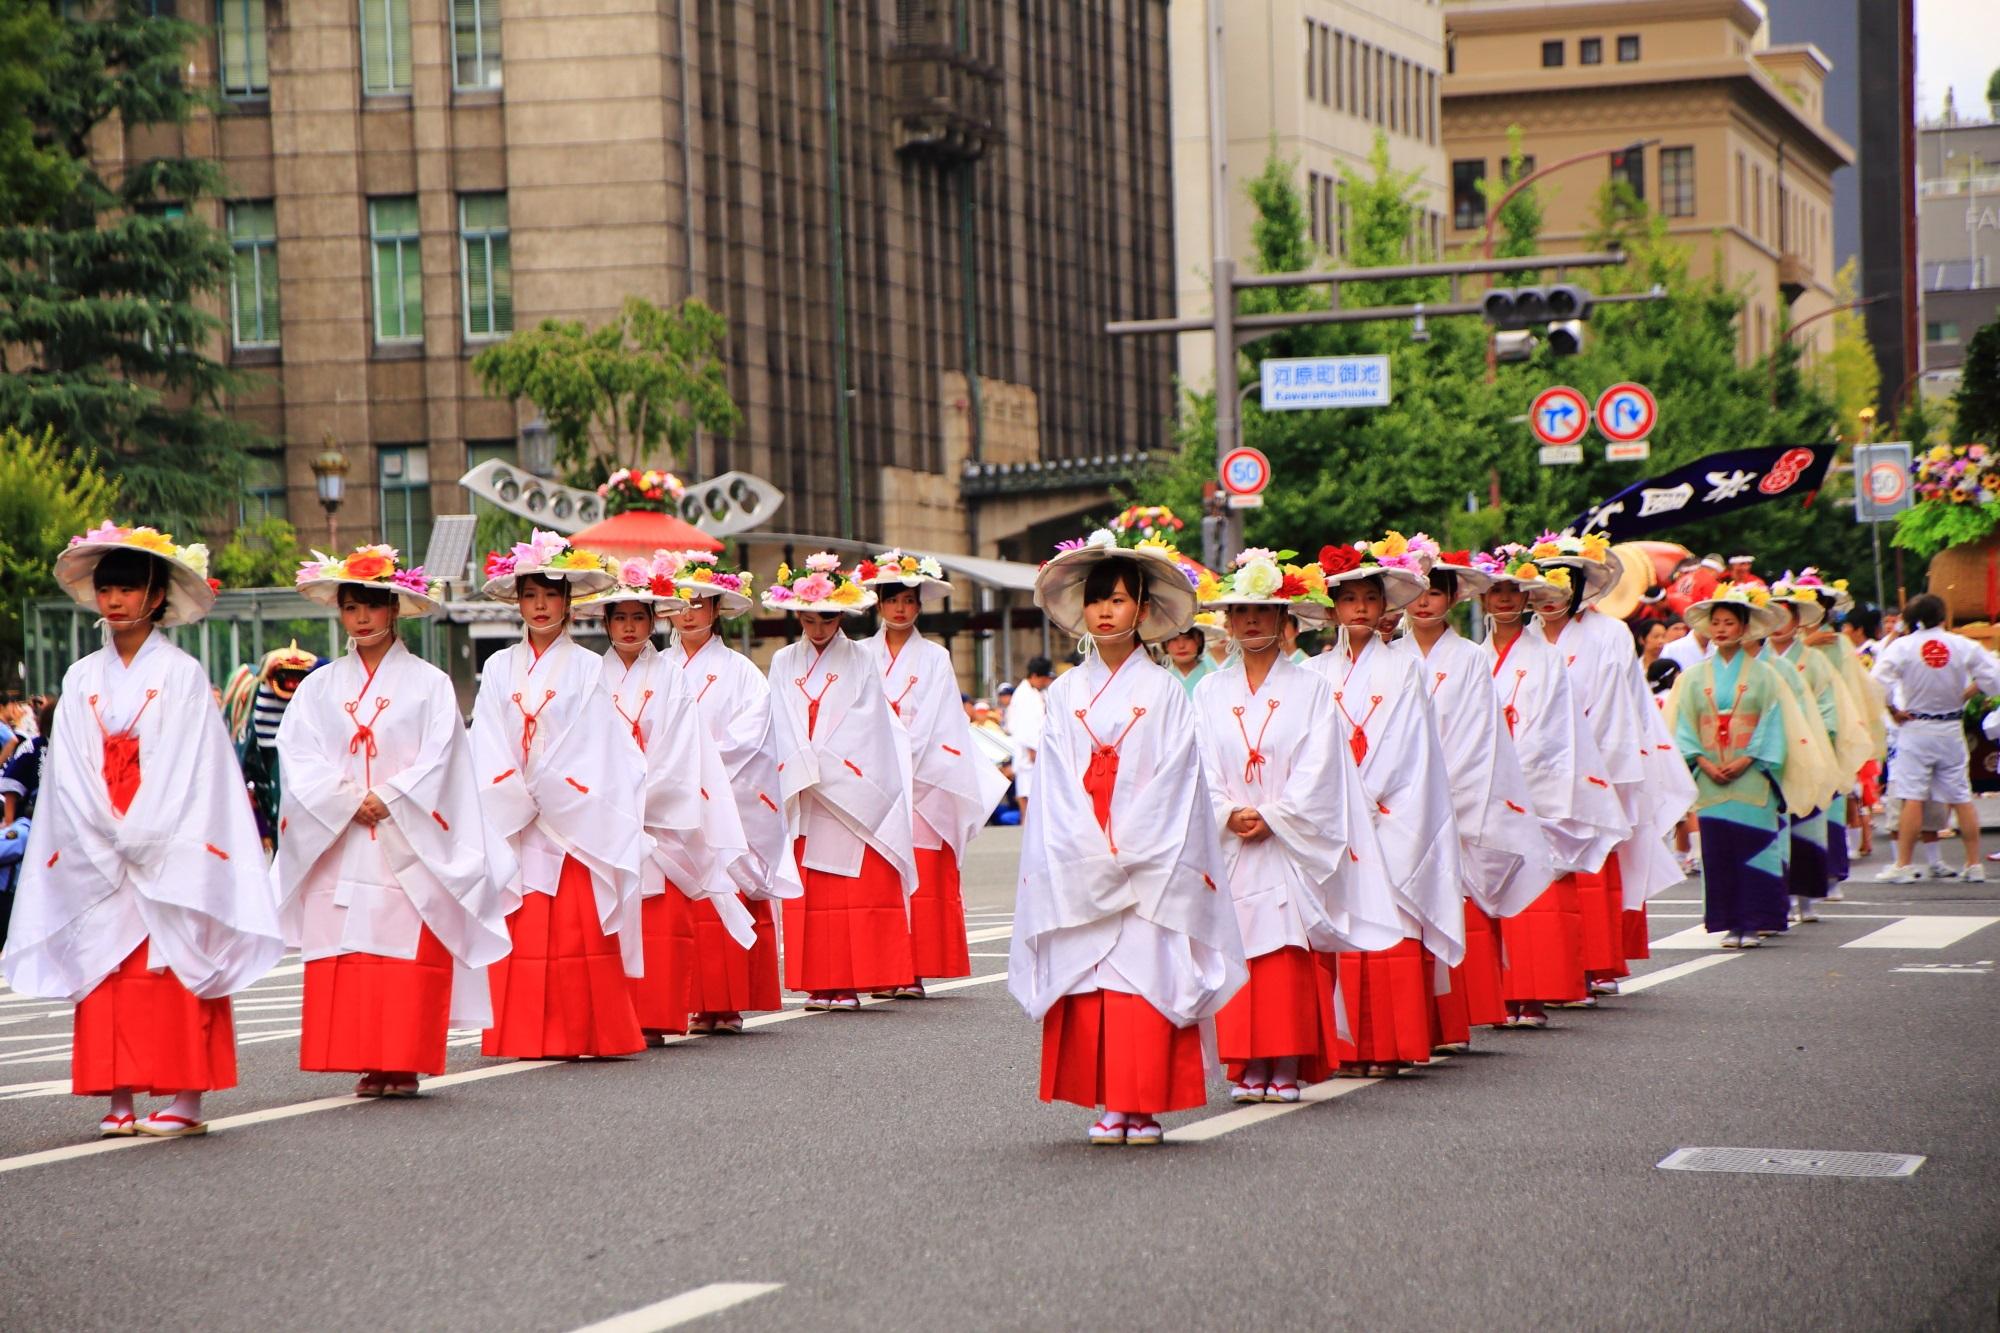 花傘巡行 祇園祭 街を巡る華やかな巡行